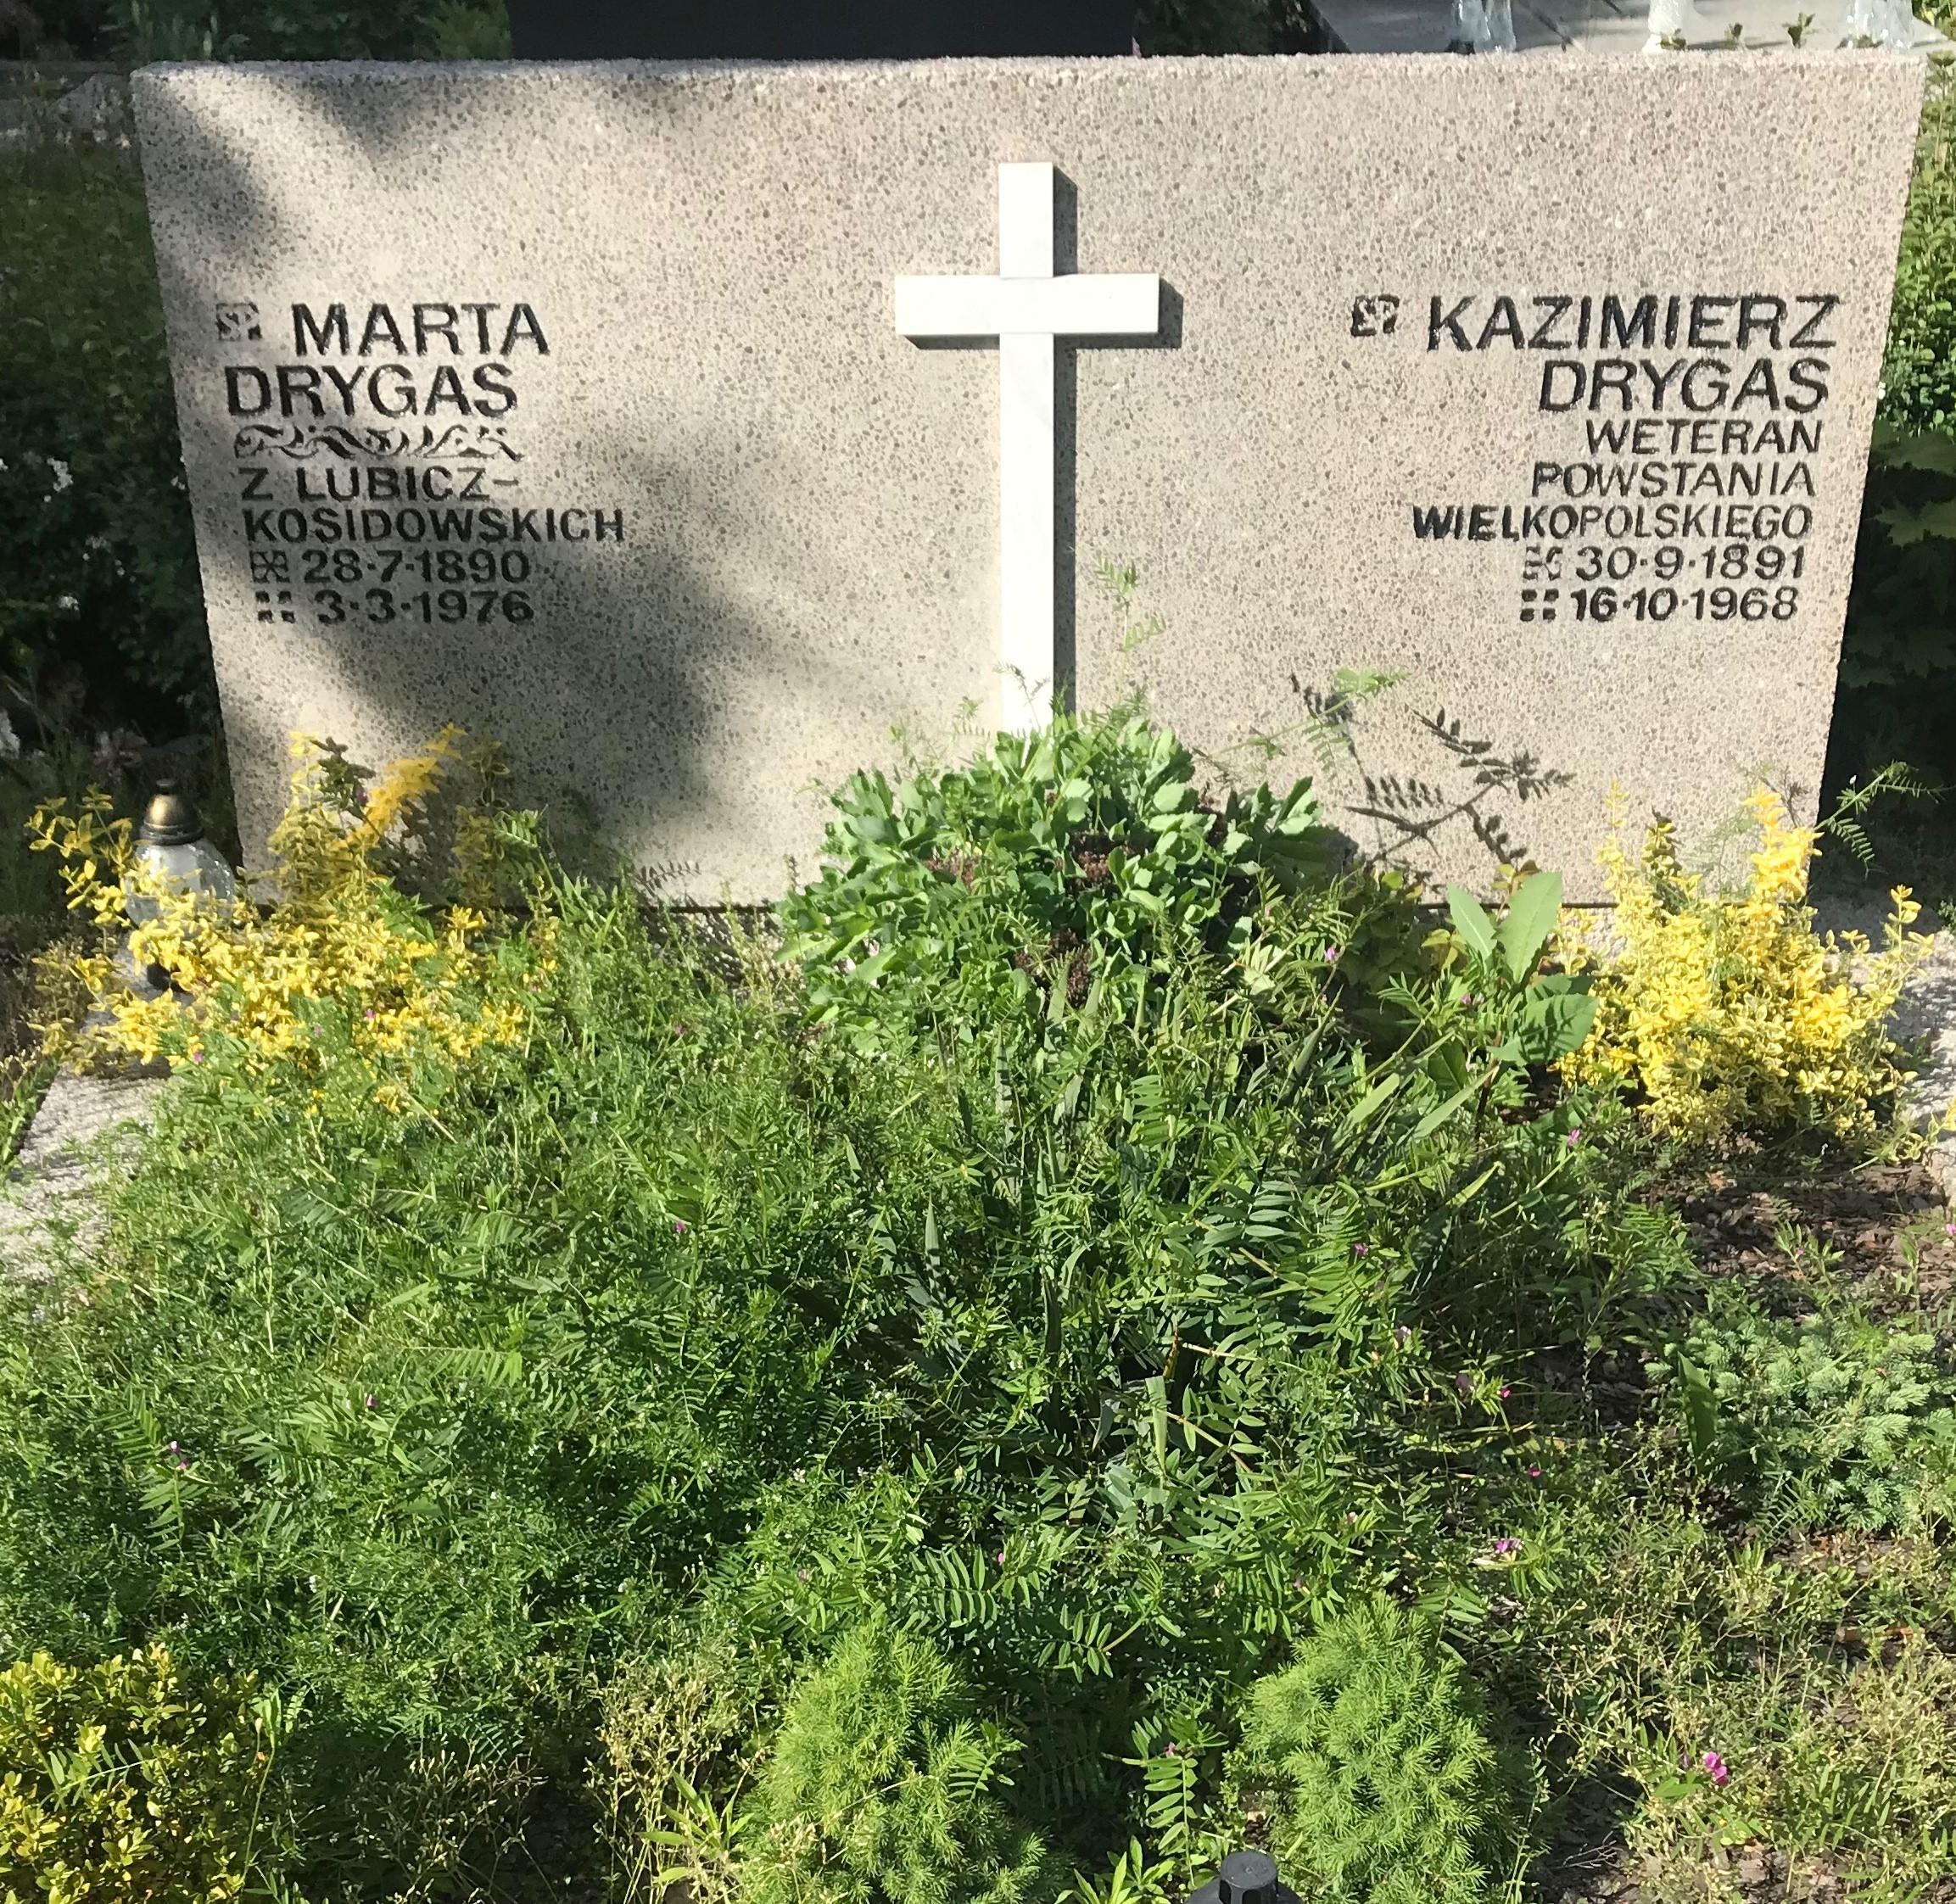 Grób na cmentarzu Poznań Junikowo. Pole:9, kwatera:2, rząd:12, miejsce:22.